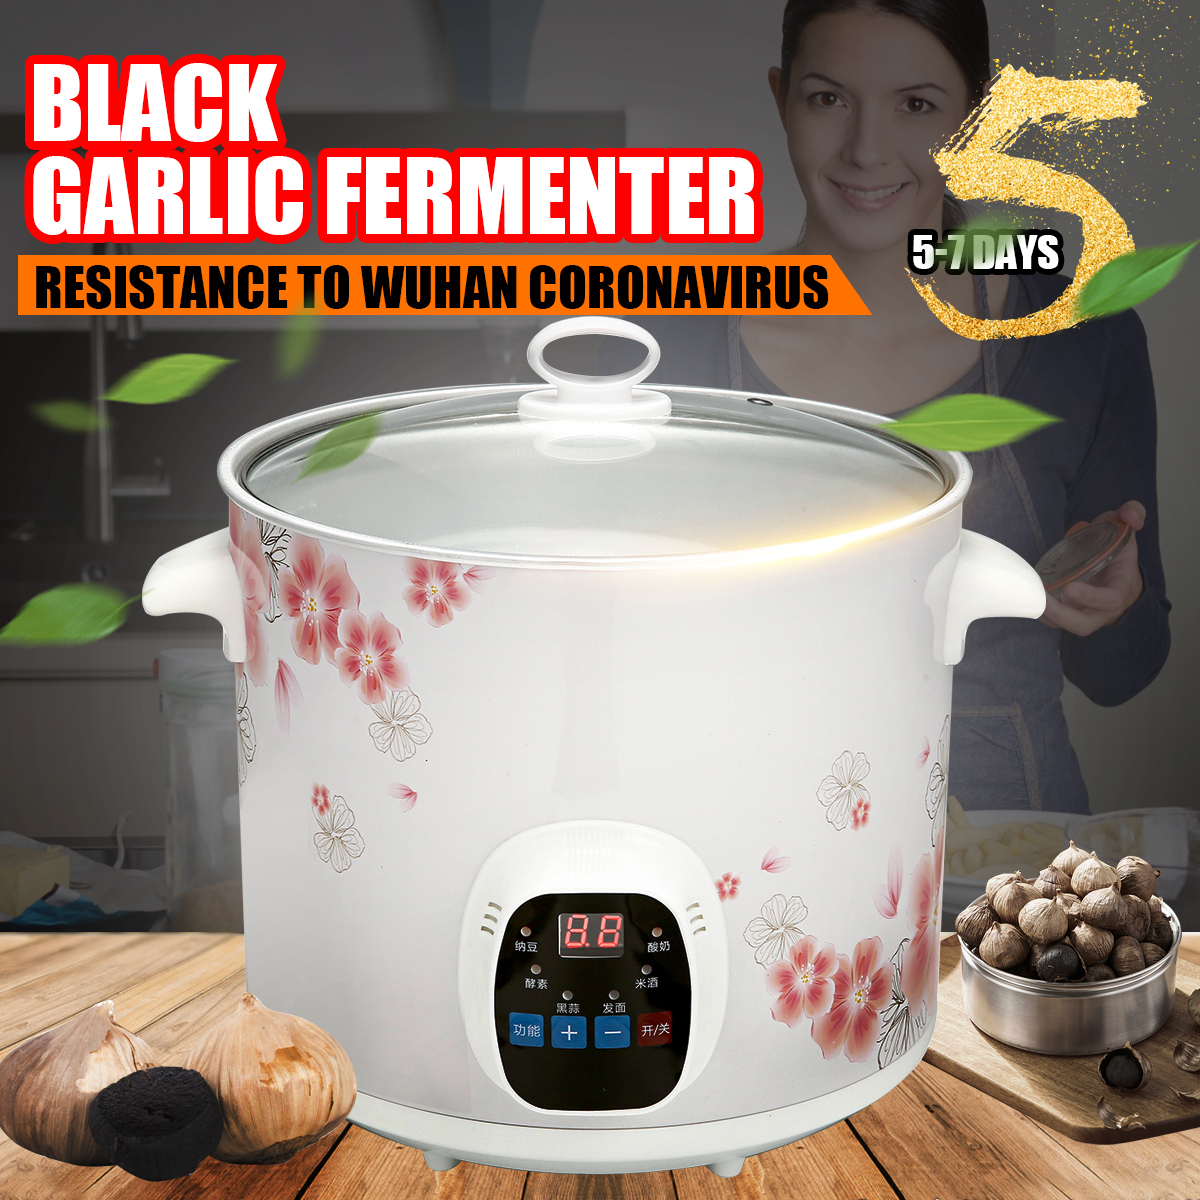 6L สีดำกระเทียมหมักสีดำกระเทียมหมักกล่องสมาร์ทหมักเครื่องห้องครัวกระเทียม Maker หม้อหุงข้าว